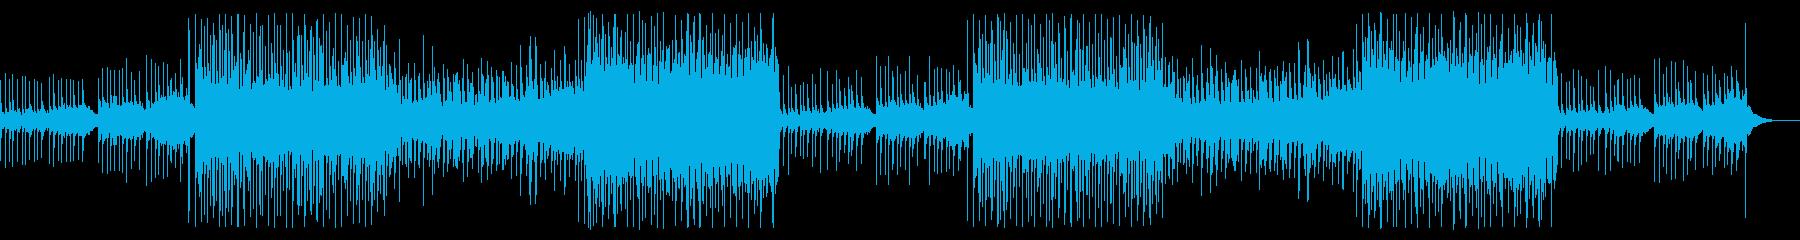 シンプルで静かな雰囲気漂う夏のBGMの再生済みの波形